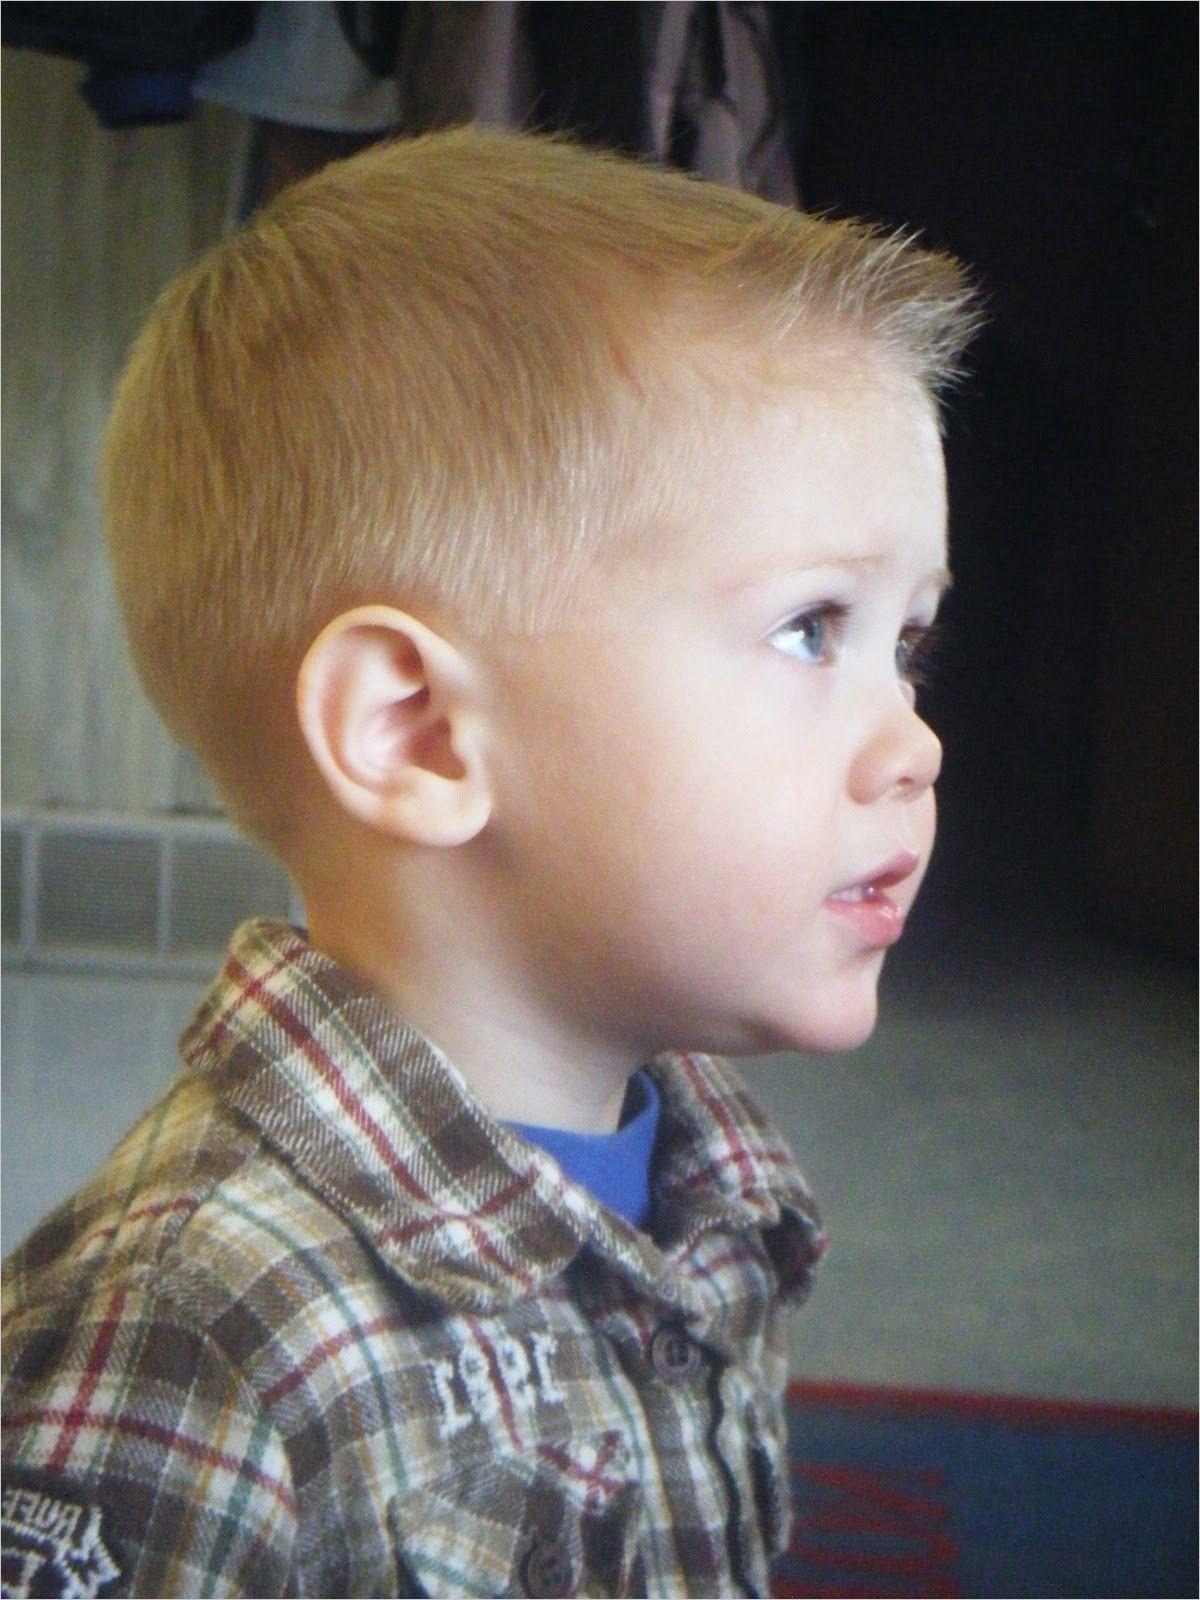 Beliebt Frisuren Fur Jungs Ab 5 Boy Haircuts Short Short Hair For Boys Boys Haircuts